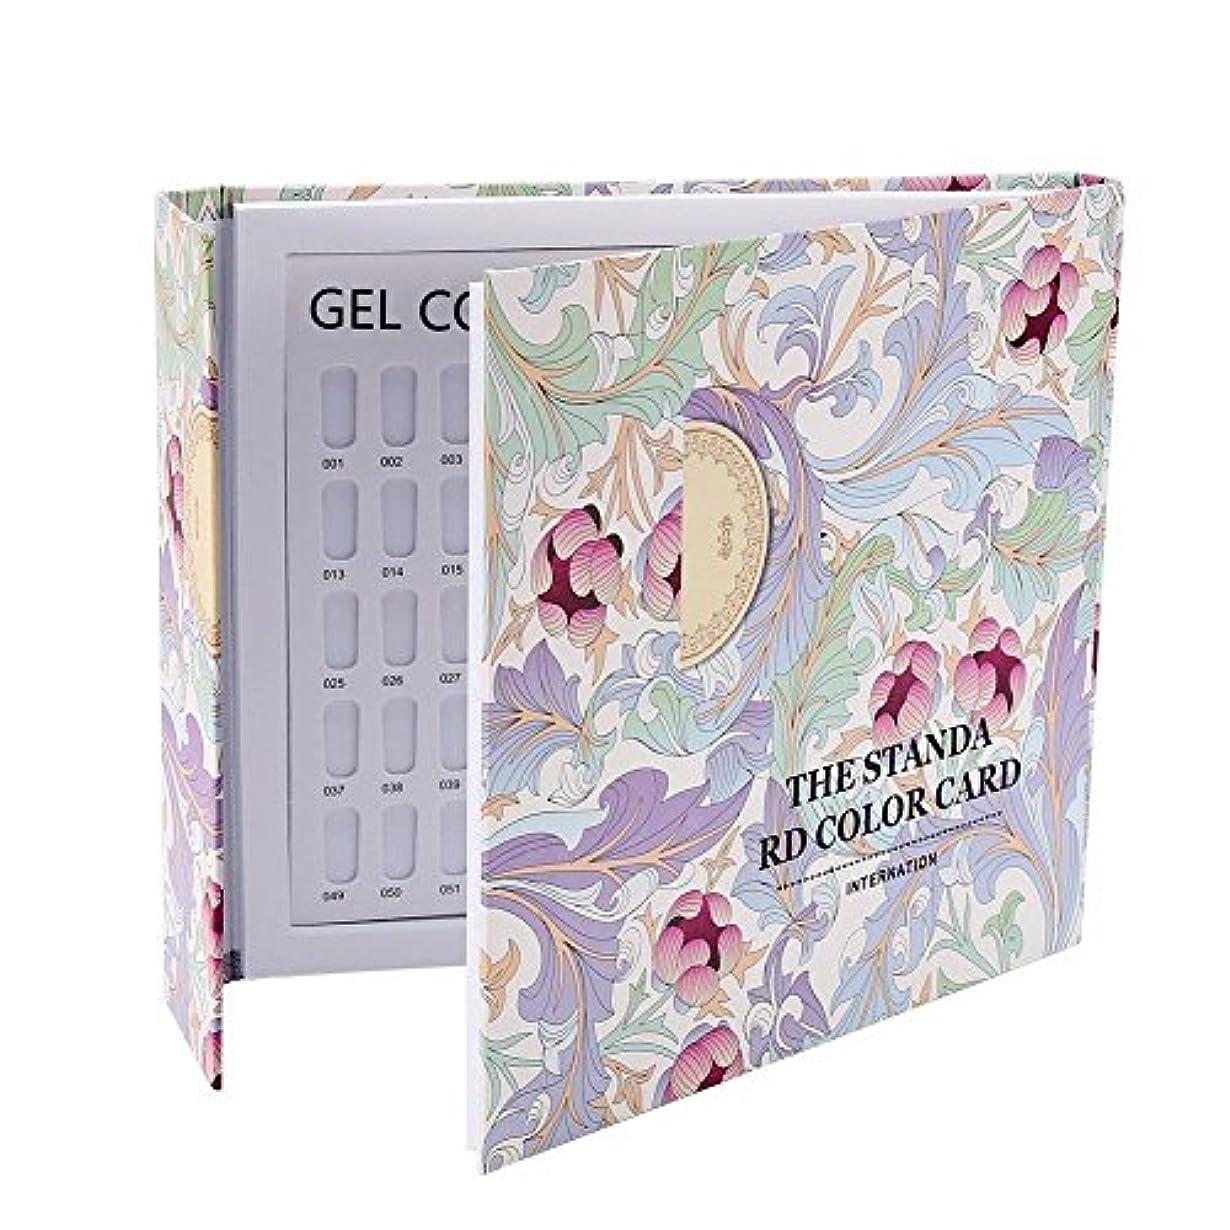 ストライプねばねばスローガンカラーチャート ブック - Delaman ネイル 色見本、ブック型 、ジェルネイル、カラーガイド、サンプル帳、120色 (パターンカバー)